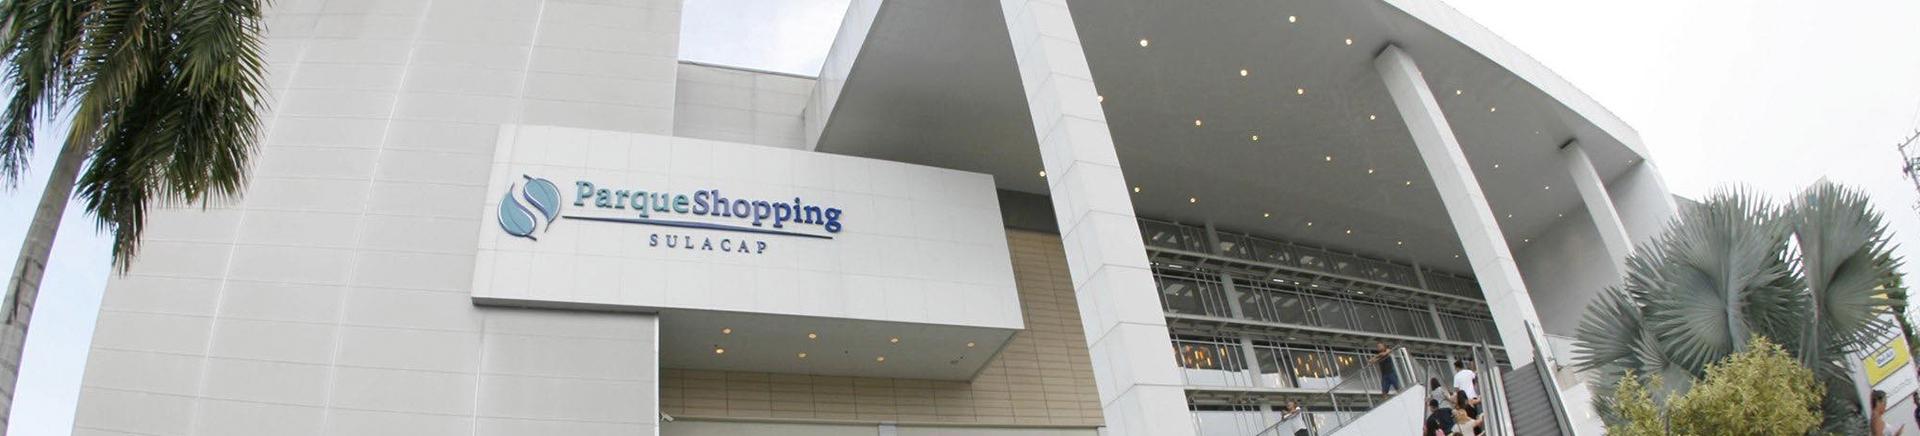 Imagem panorâmica do Shopping